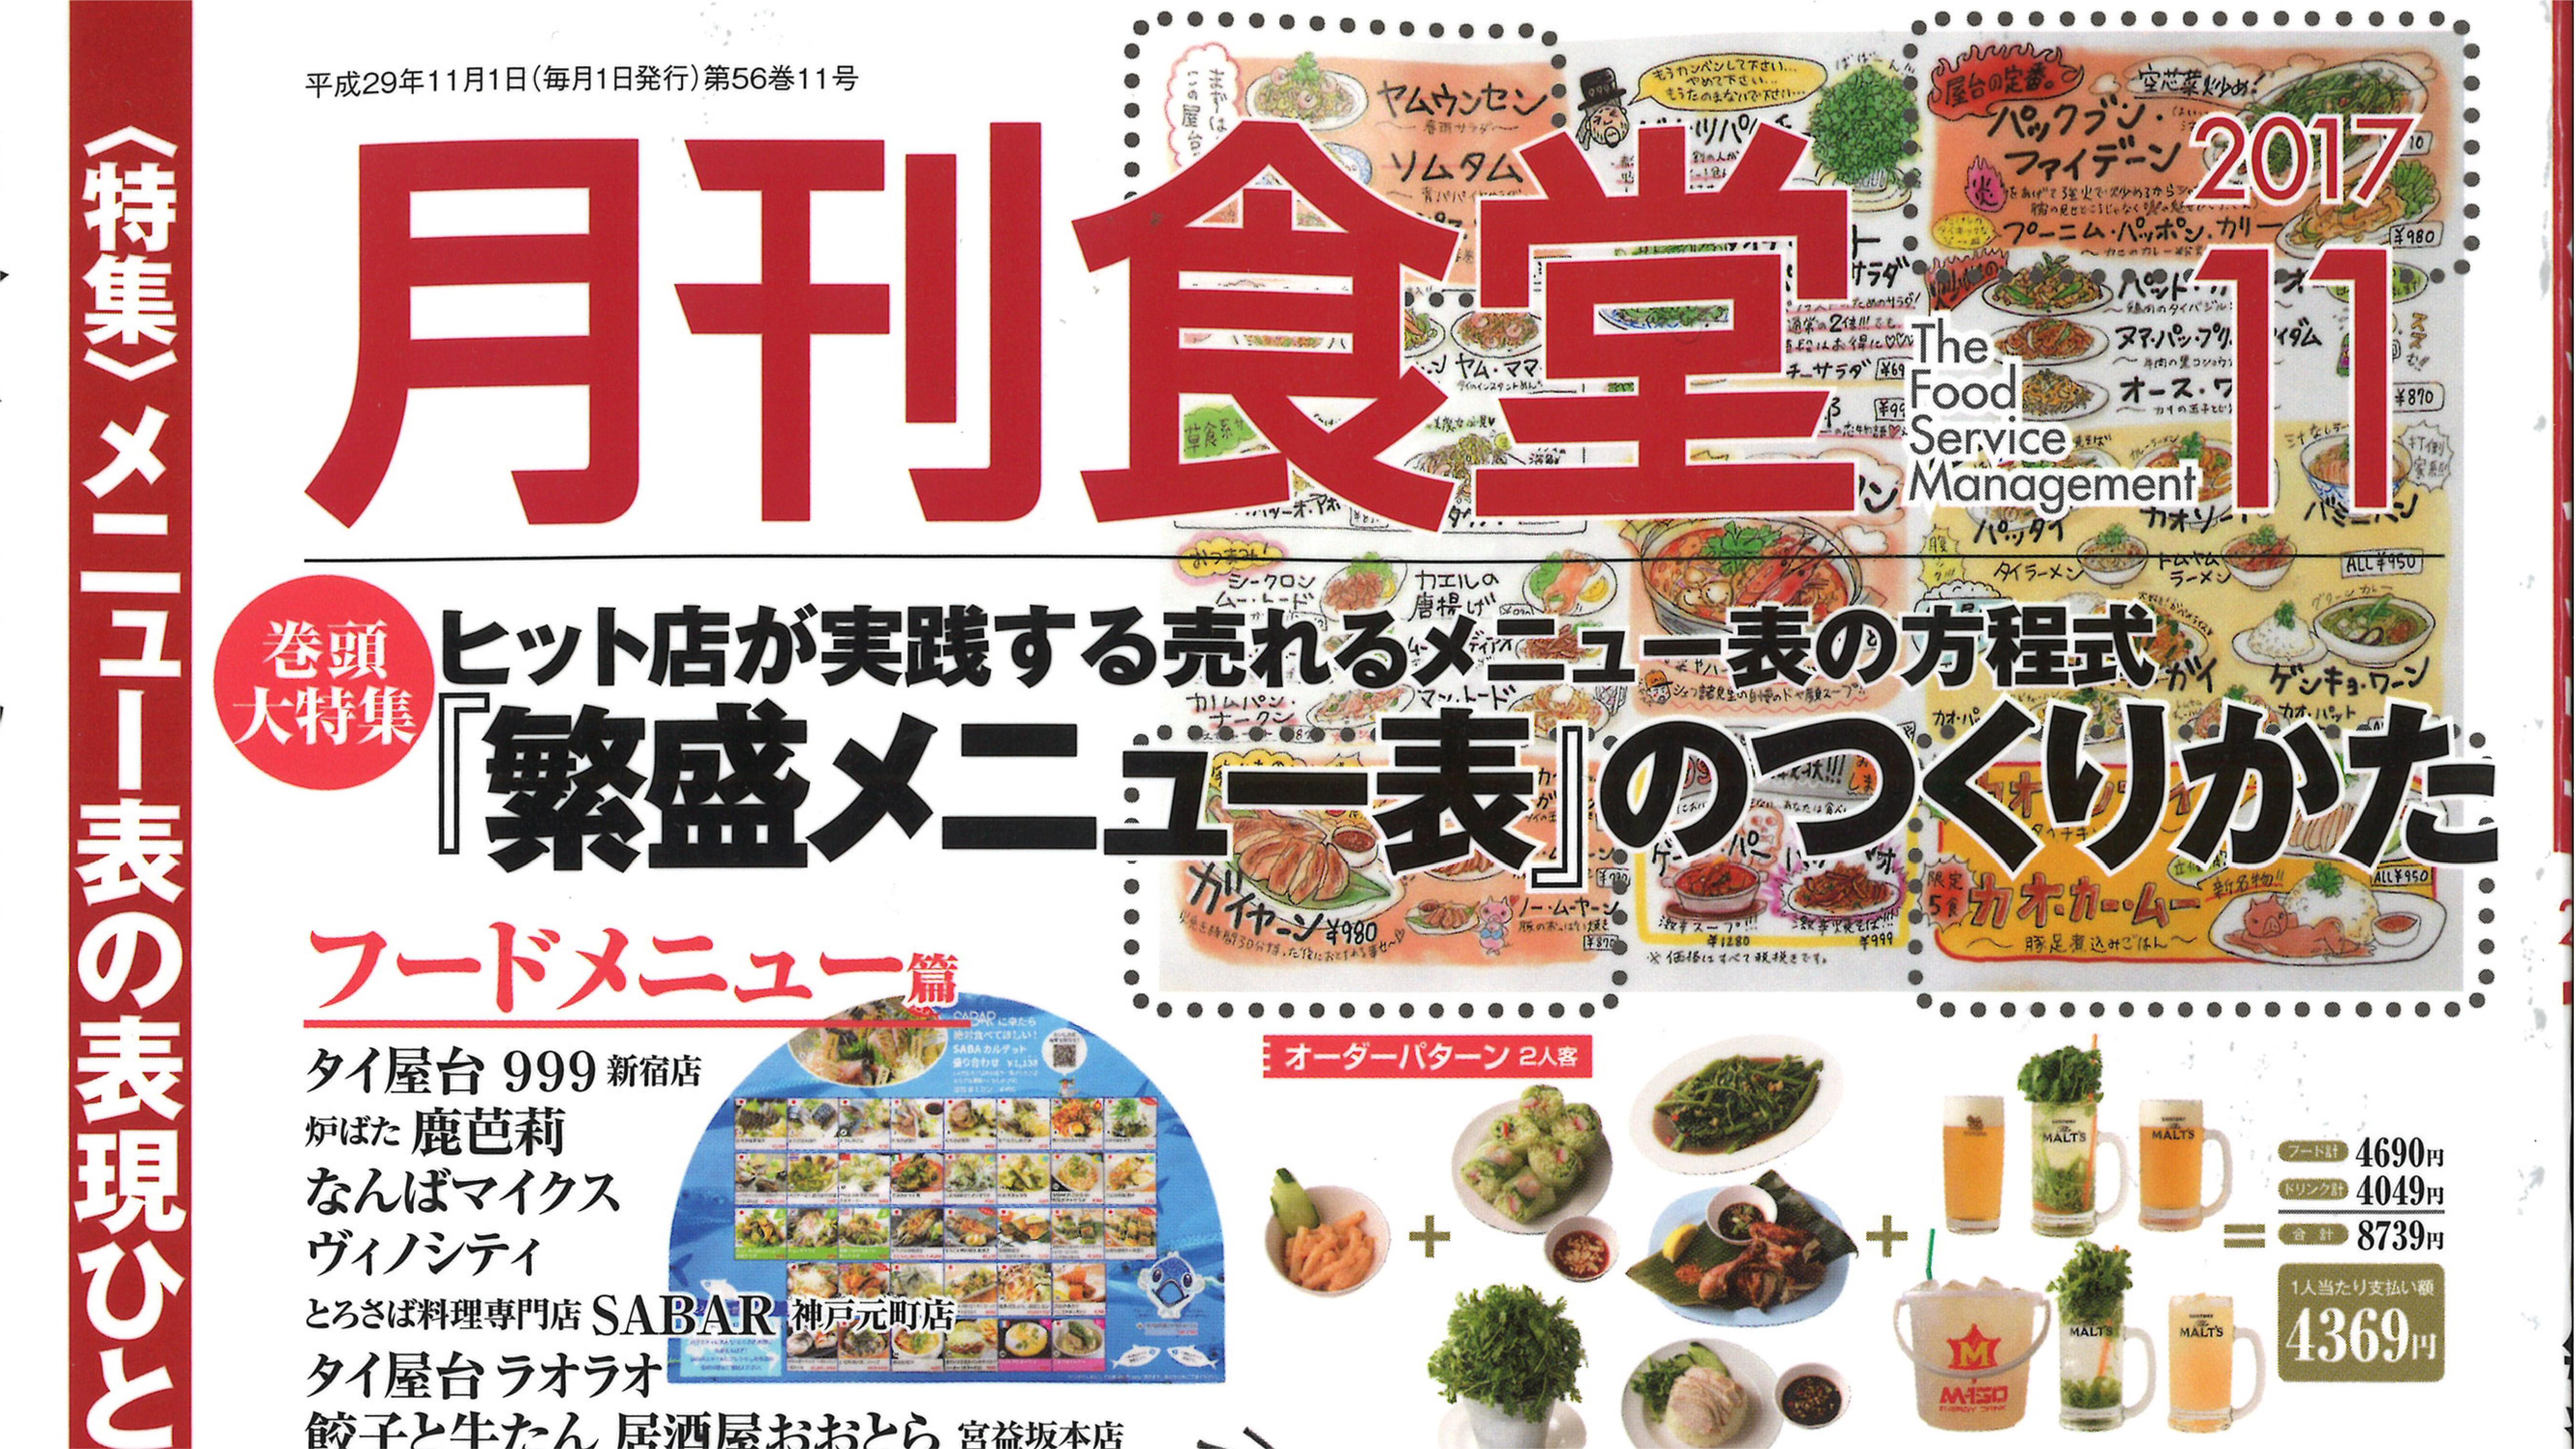 【メディア掲載情報】『月刊食堂11月号』の「引きがある看板食いつくPOP傑作選」にて「京都勝牛」を2店舗取り上げていただきました。